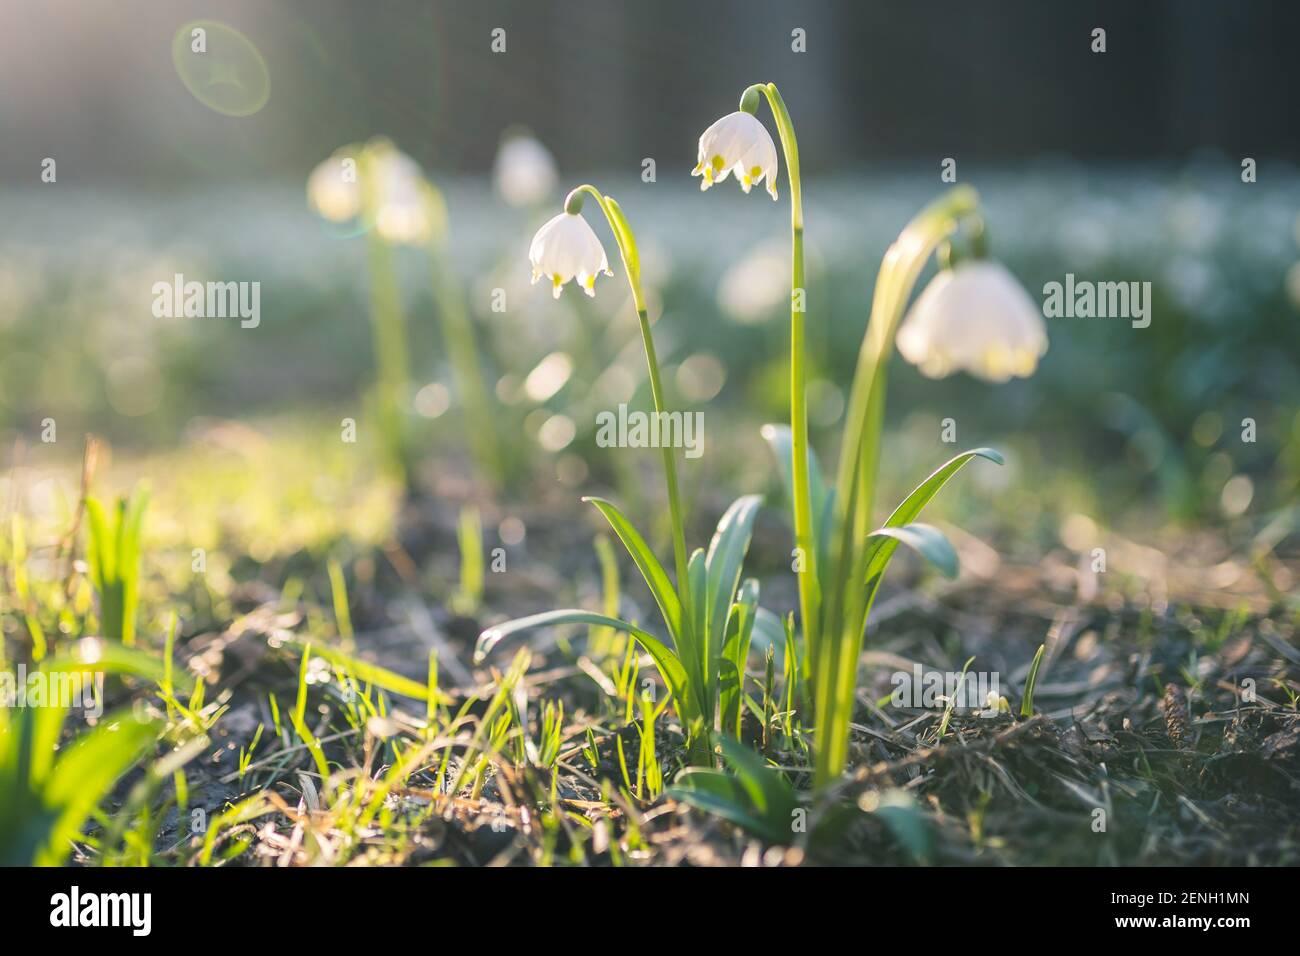 Leucojum vernum ou flocon de neige printanier - fleurs blanches en fleurs au début du printemps dans la forêt, photo macro de clôture avec rayons du soleil. Banque D'Images